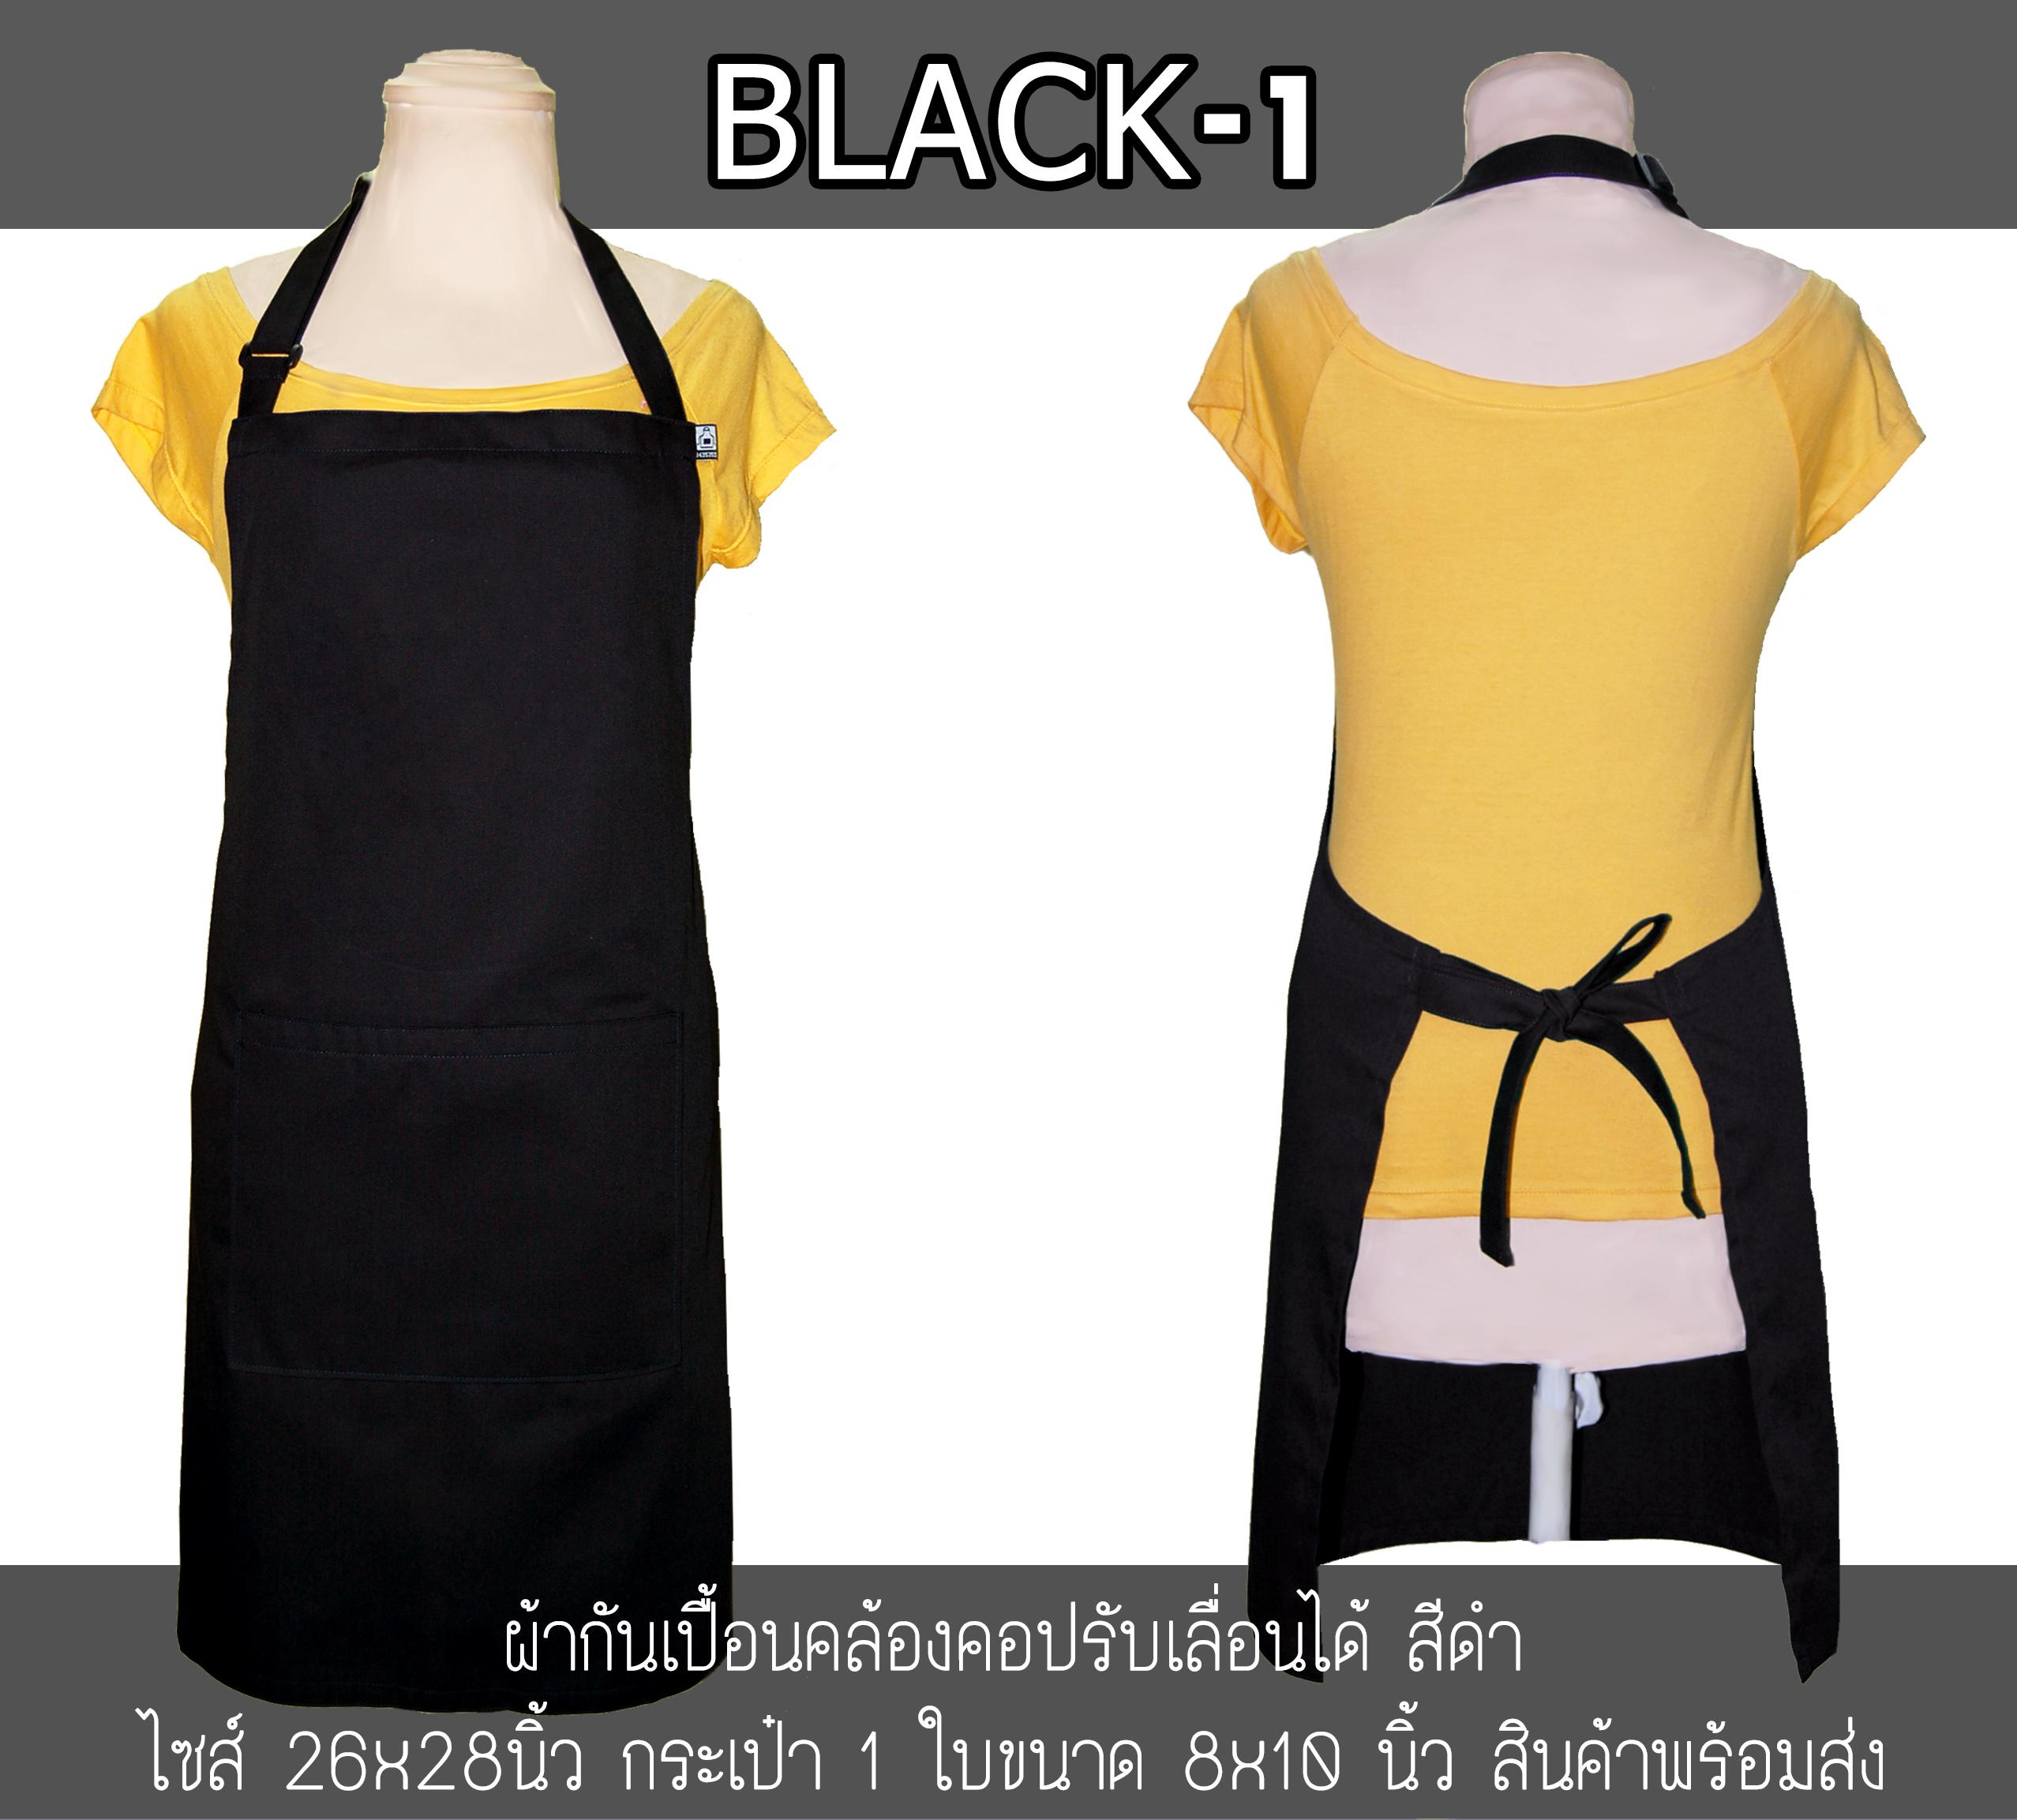 ผ้ากันเปื้อนคล้องคอ สีดำ 1 กระเป๋า